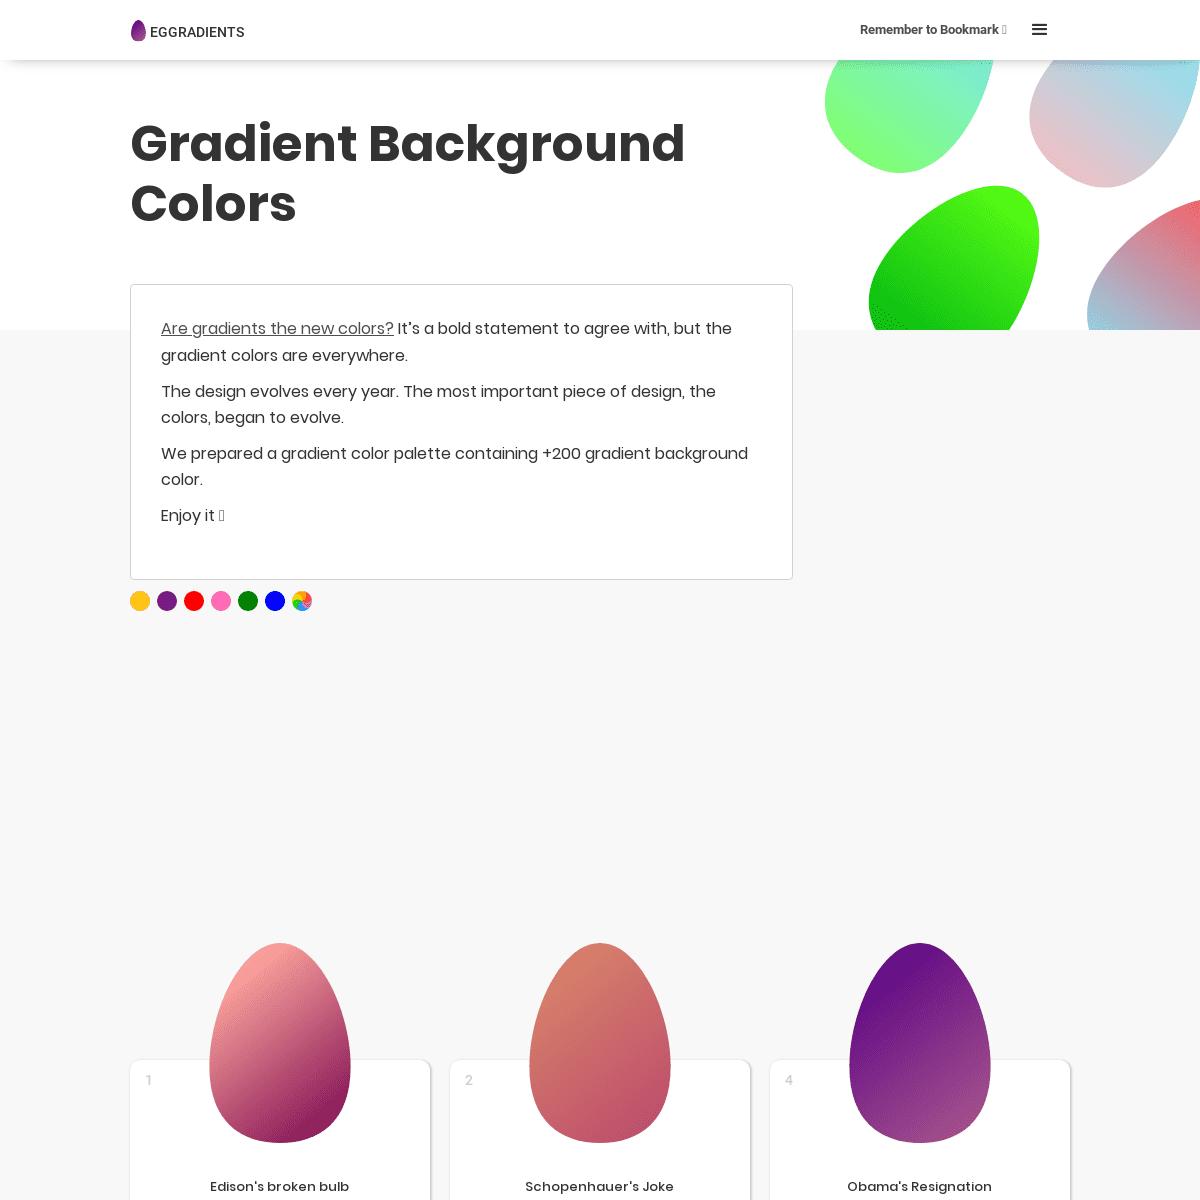 Gradient Background Colors - Eggradients.com